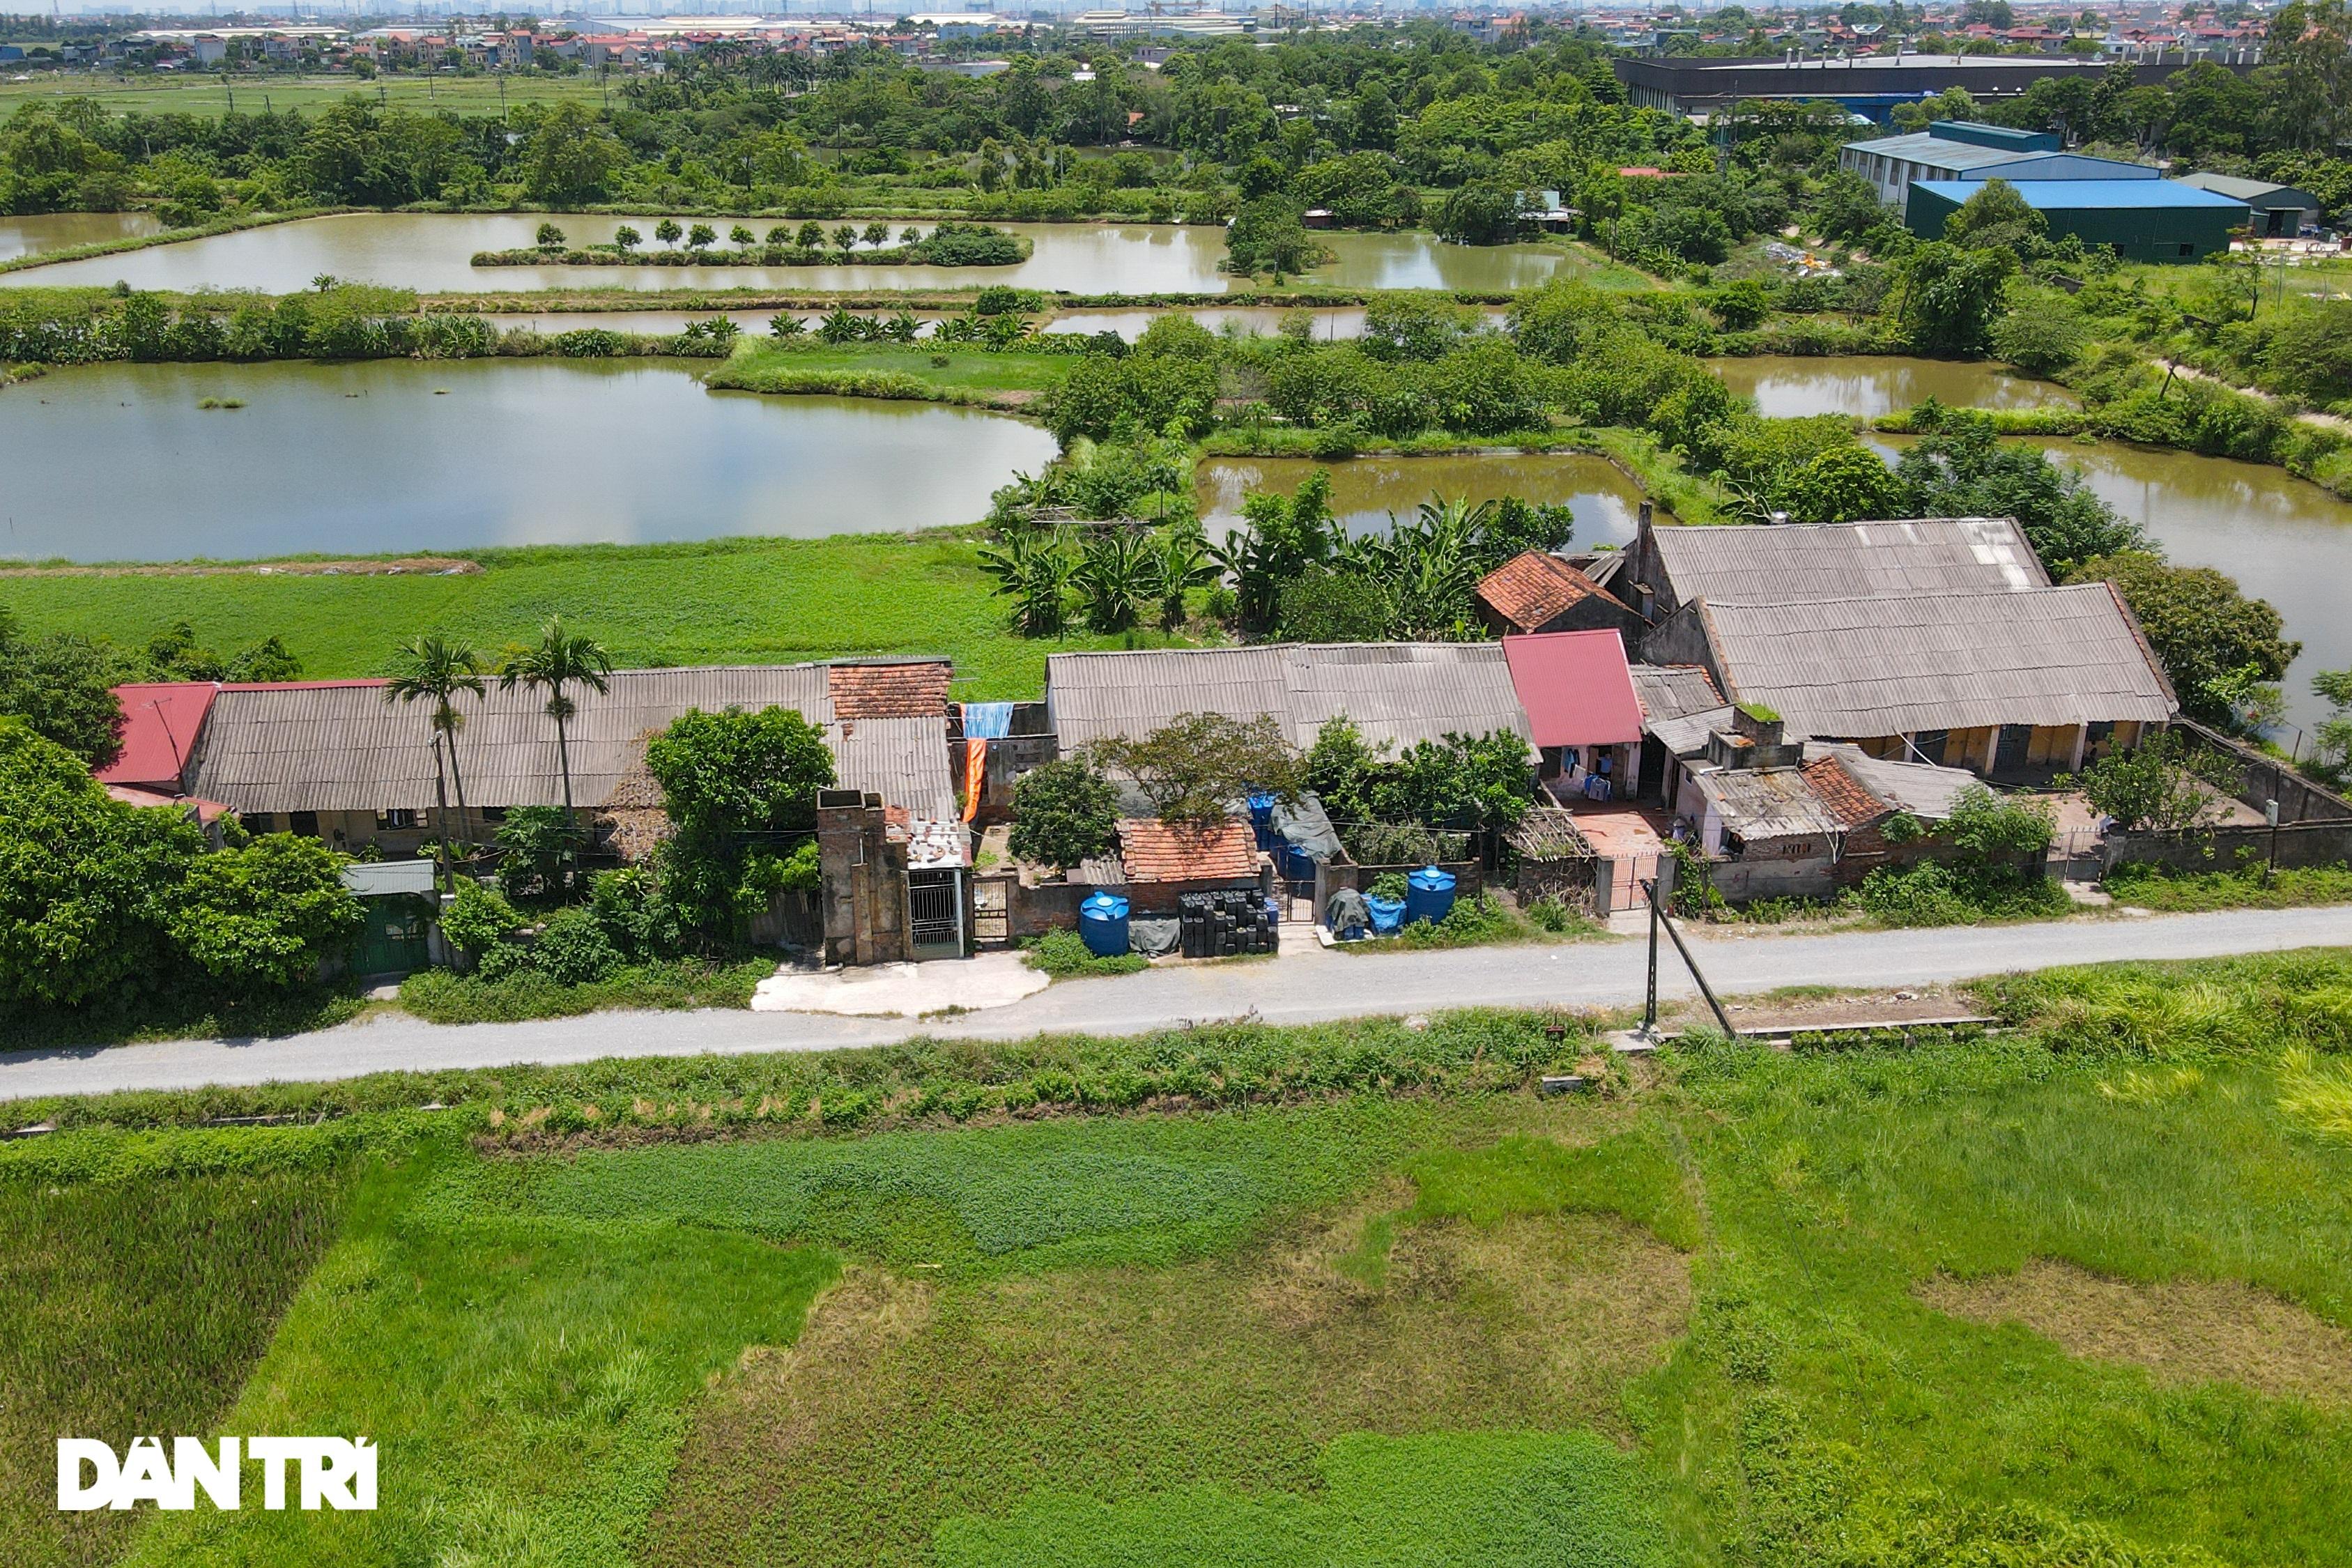 Hiện trạng những khu công nghiệp ở ngoại thành Hà Nội - 11